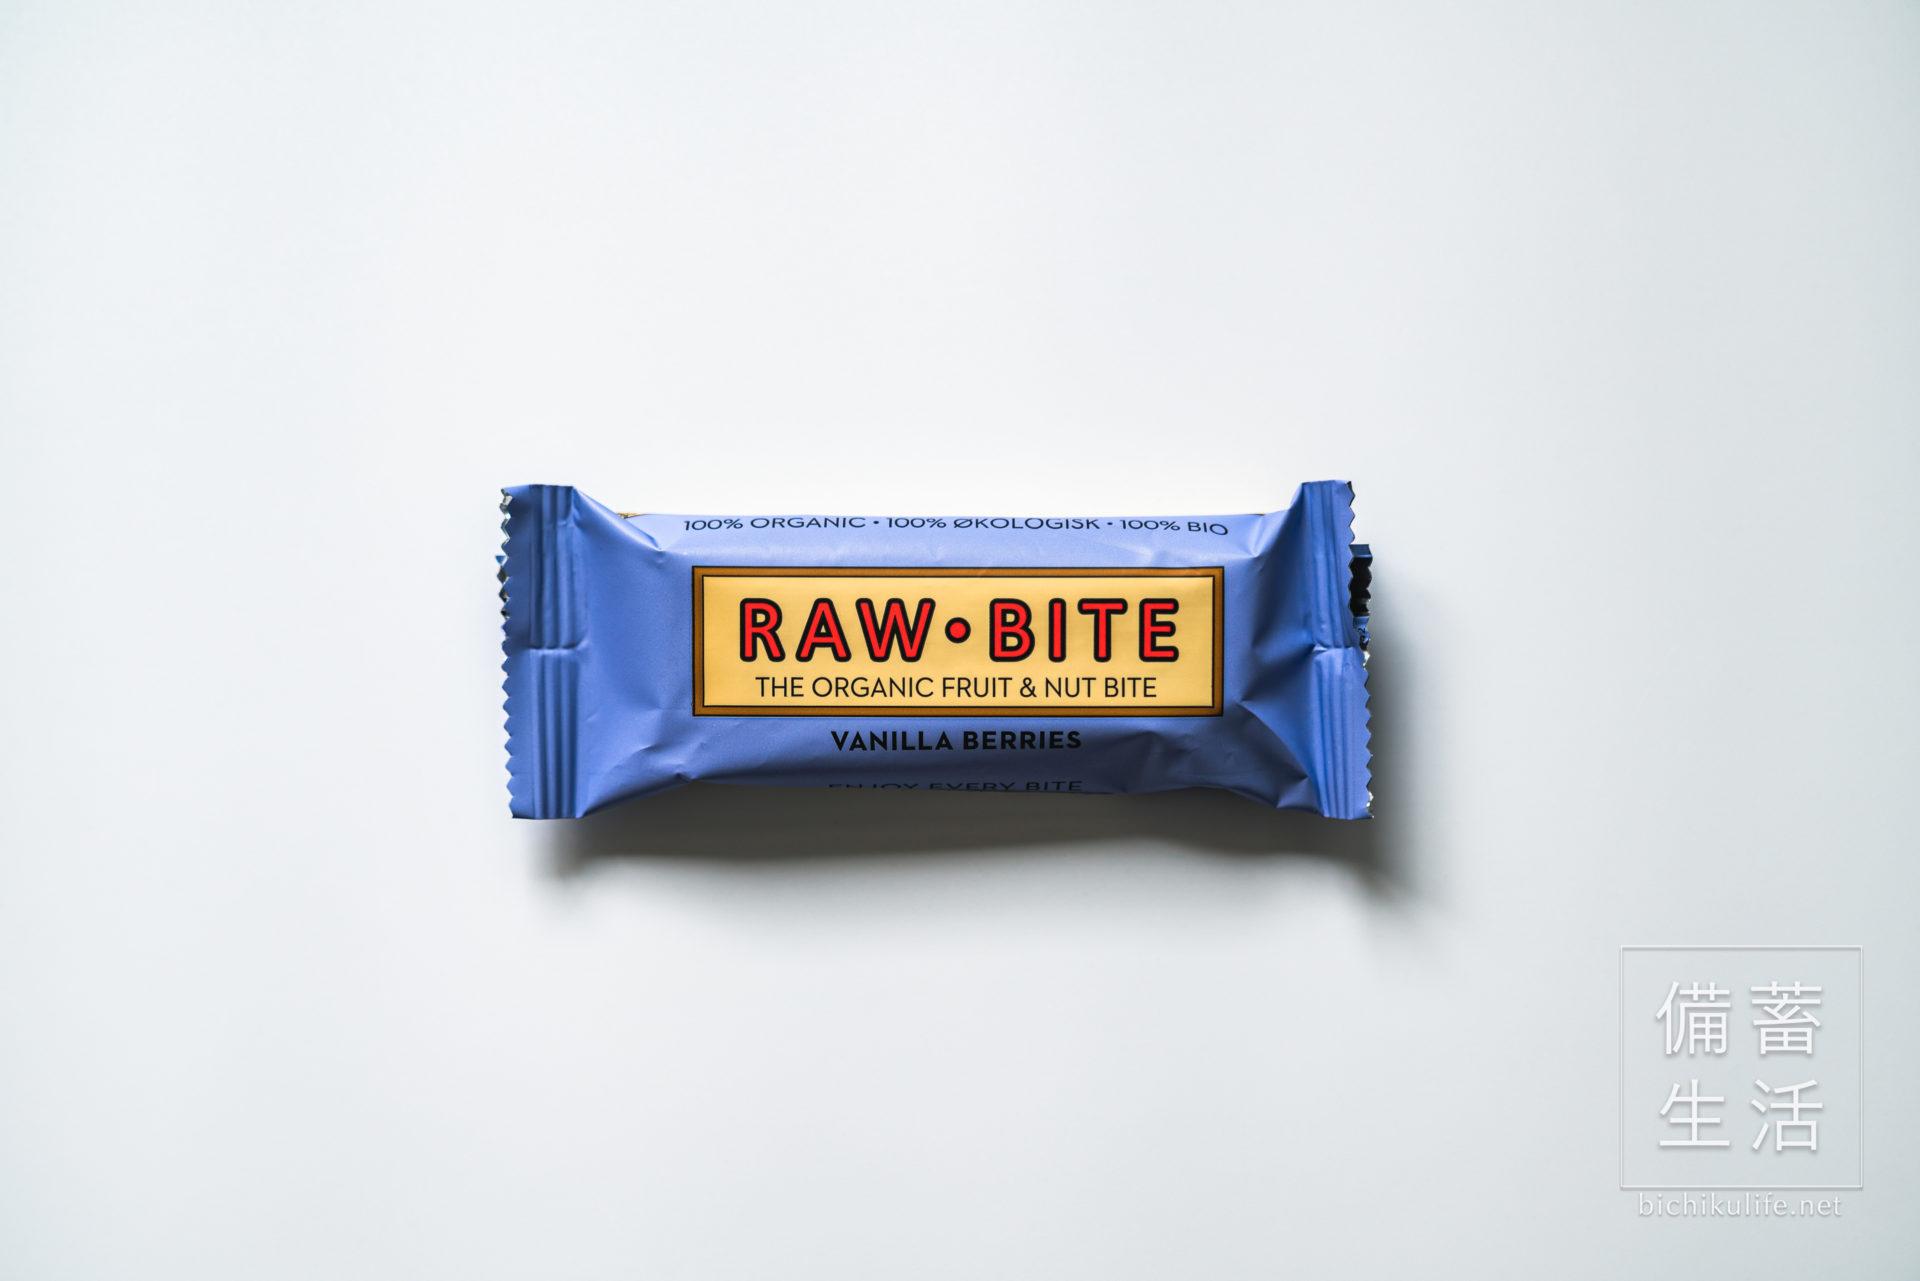 RAW・BITE 有機ローバイト(オーガニックフルーツ・ナッツバー)、バニラベリーズ